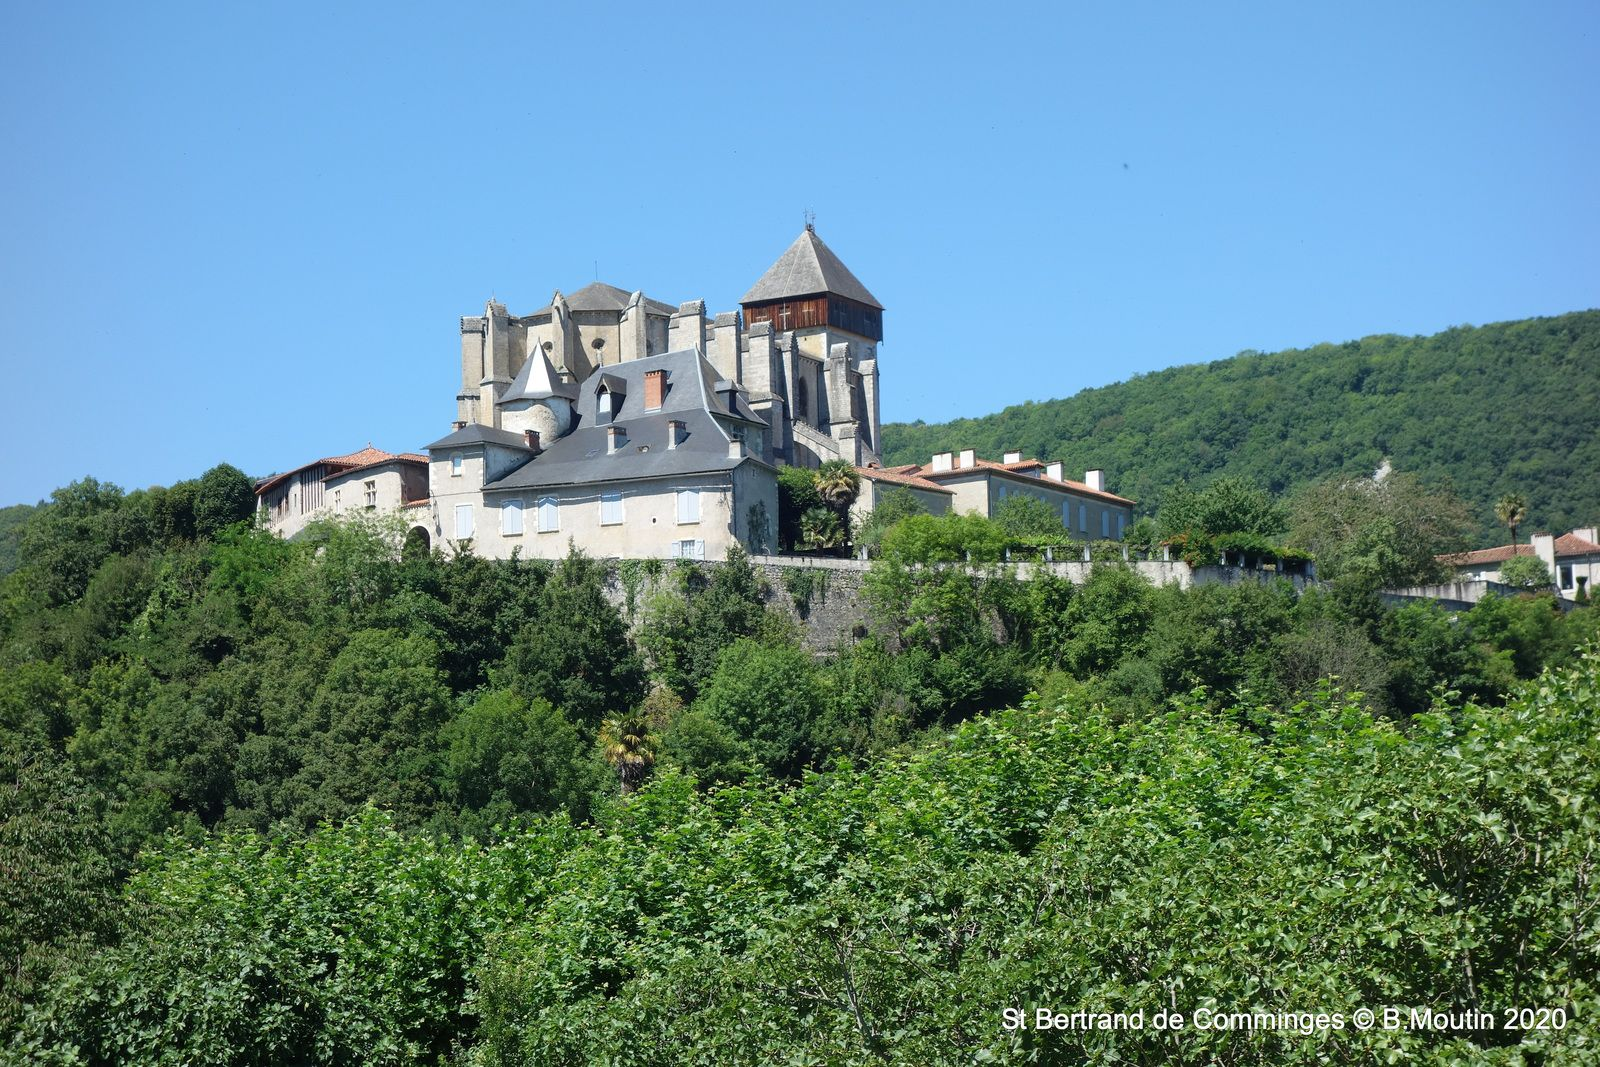 St Bertrand de Comminges (9 photos)